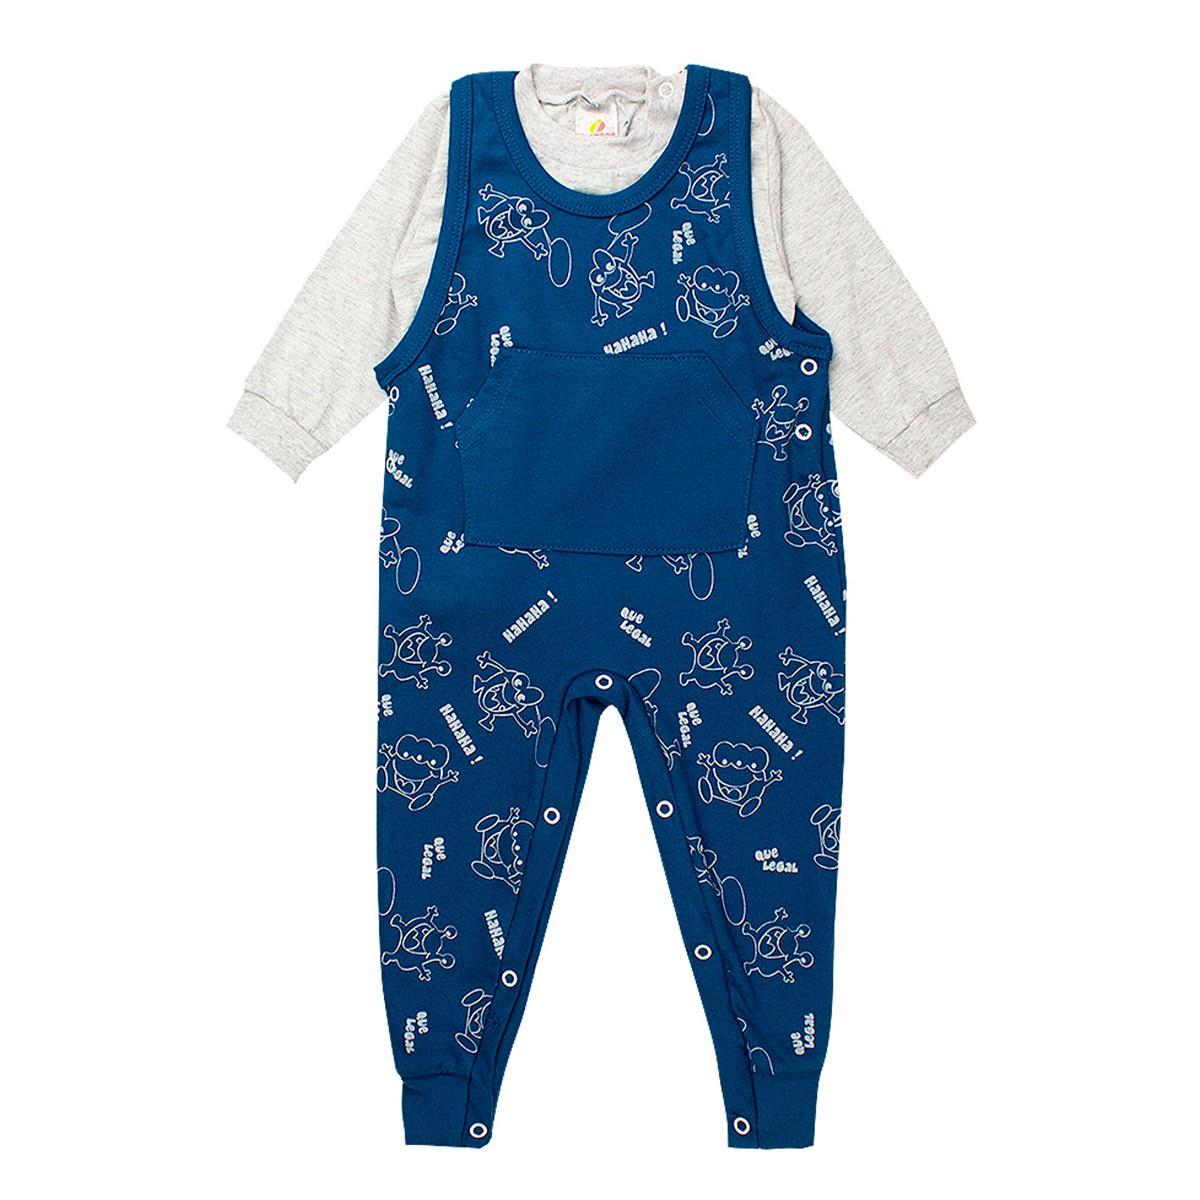 Conjunto Jardineira Bebê Menino Com Botões Azul - Isensee